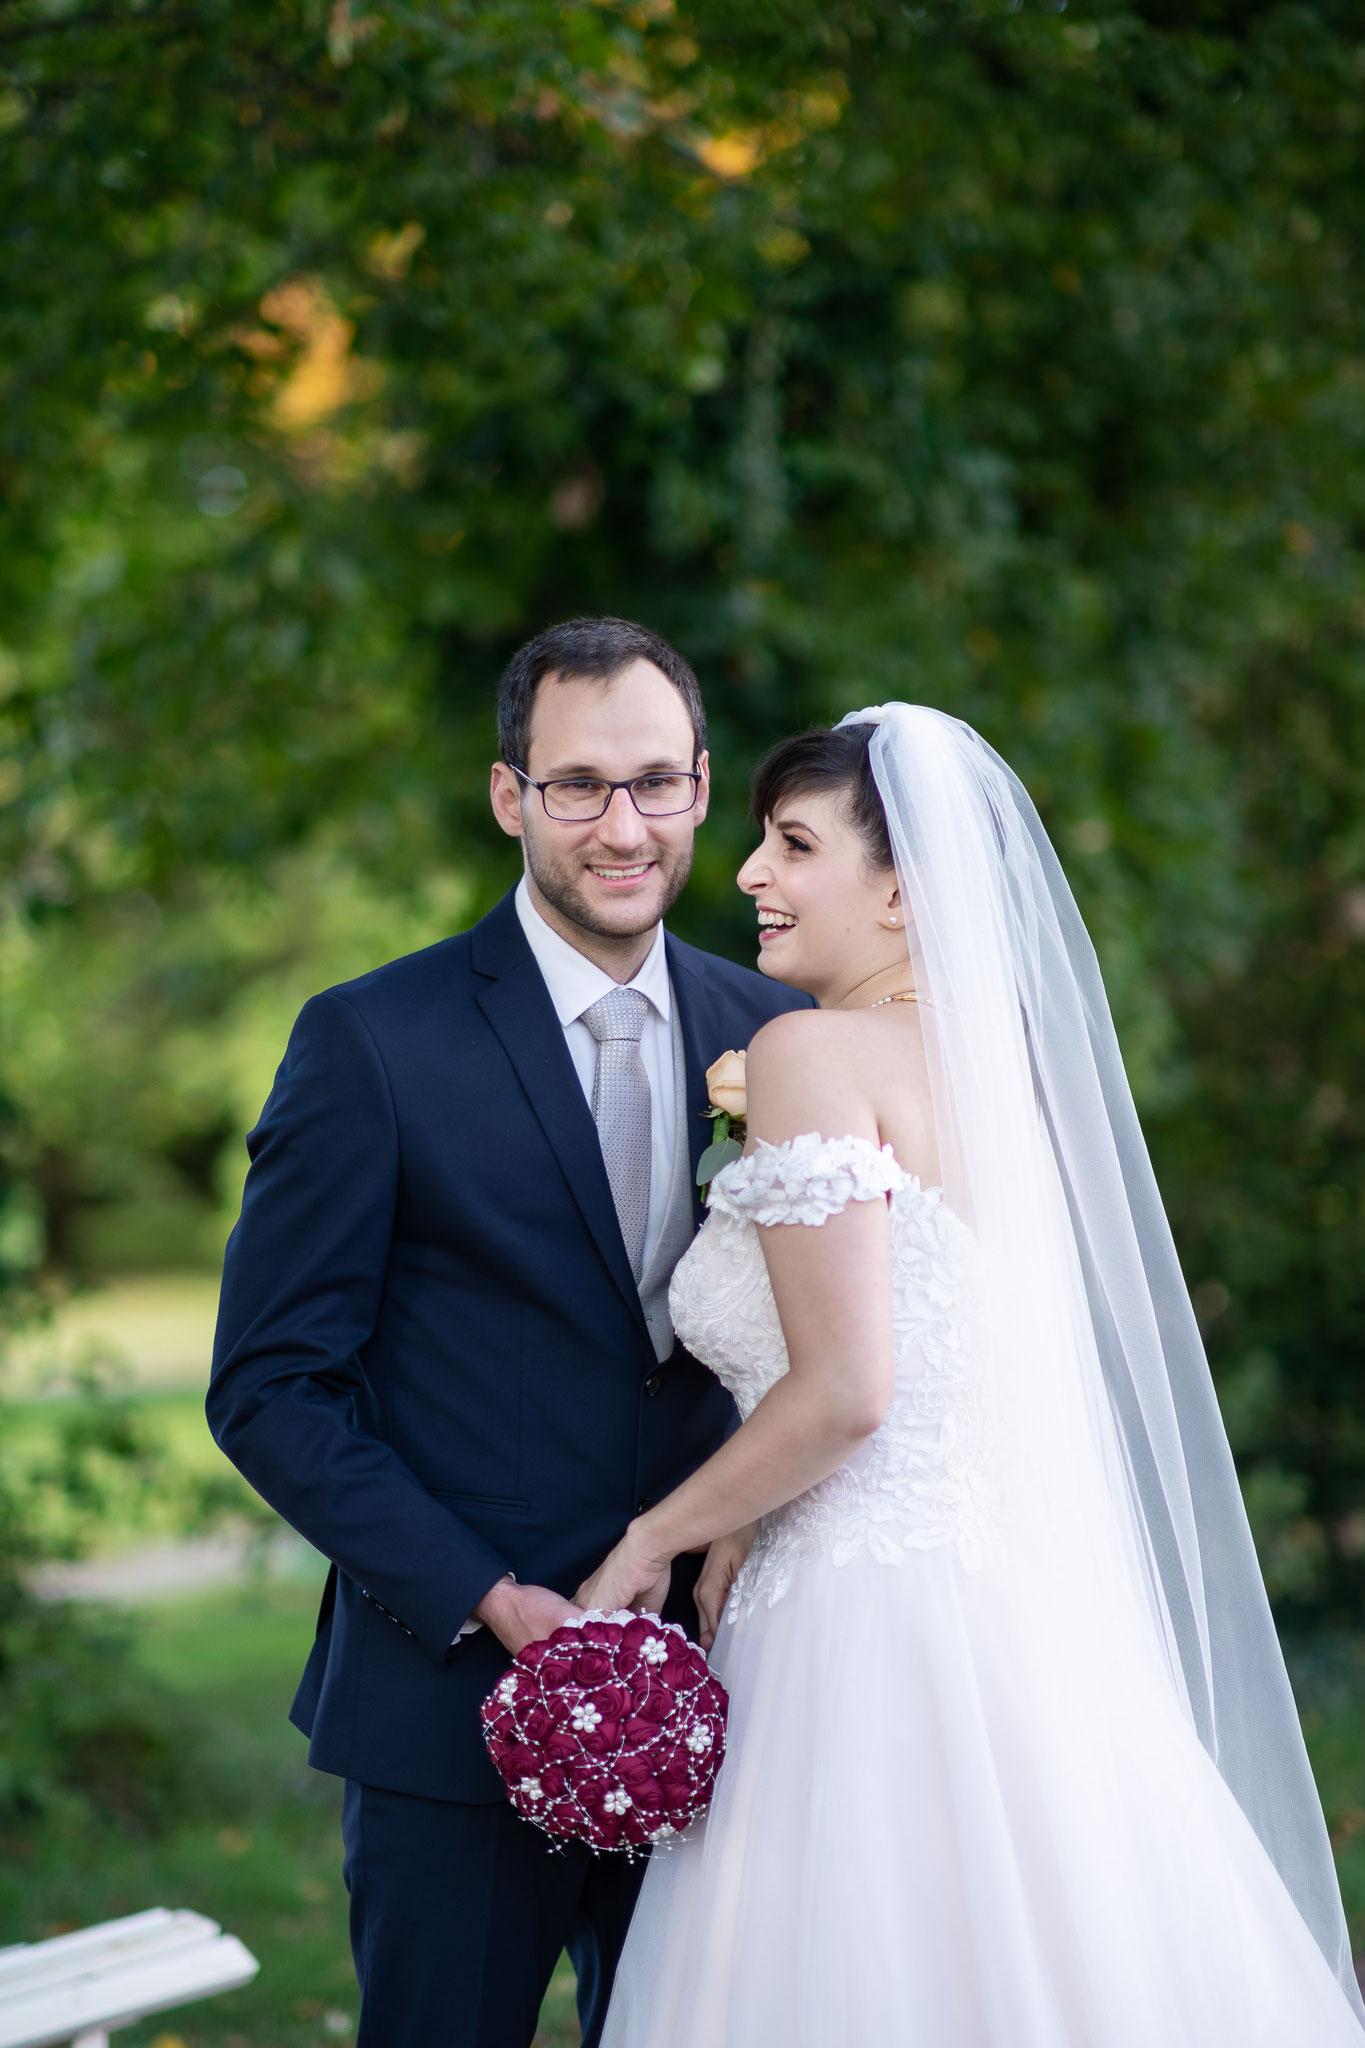 Aufnahmen beim Brautpaarshooting im Garten von Schloss Braunshardt in Weiterstadt